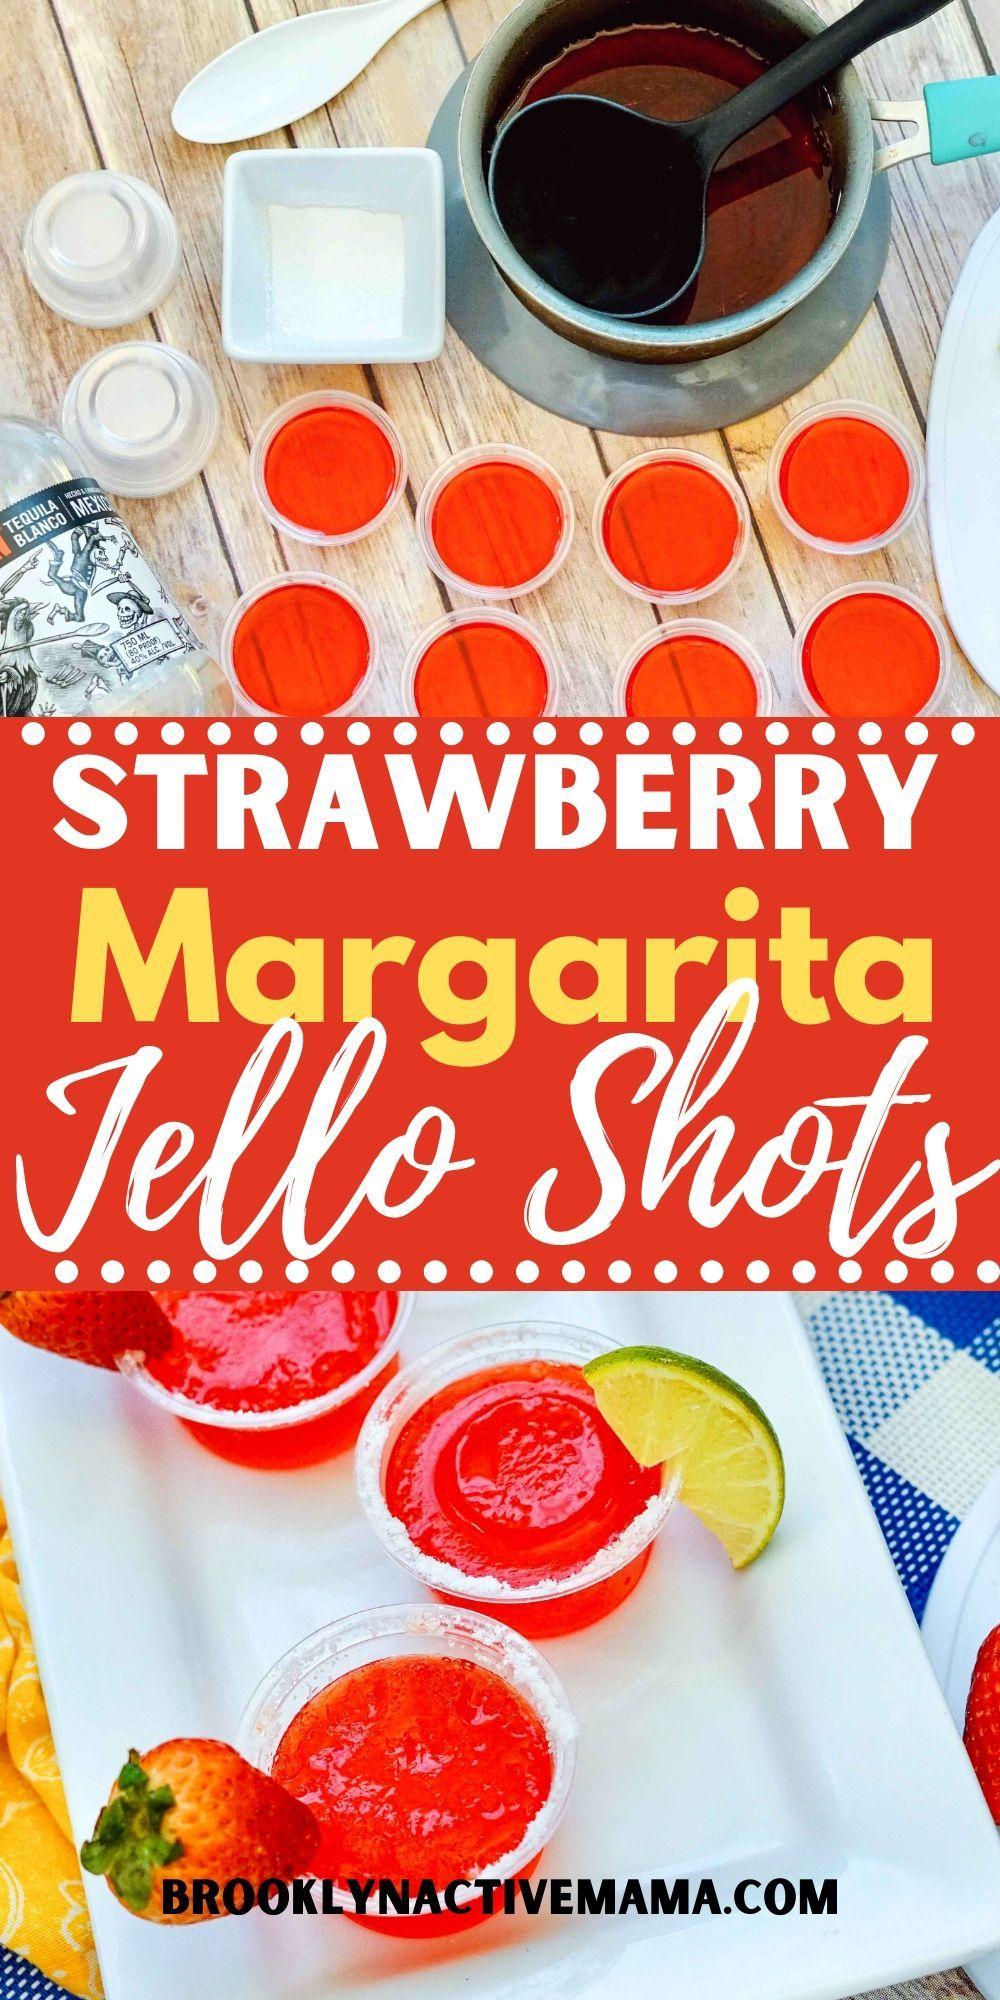 Easy And Fun Strawberry Margarita Jello Shots Recipe Recipe In 2020 Jello Shot Recipes Shot Recipes Margarita Jello Shots